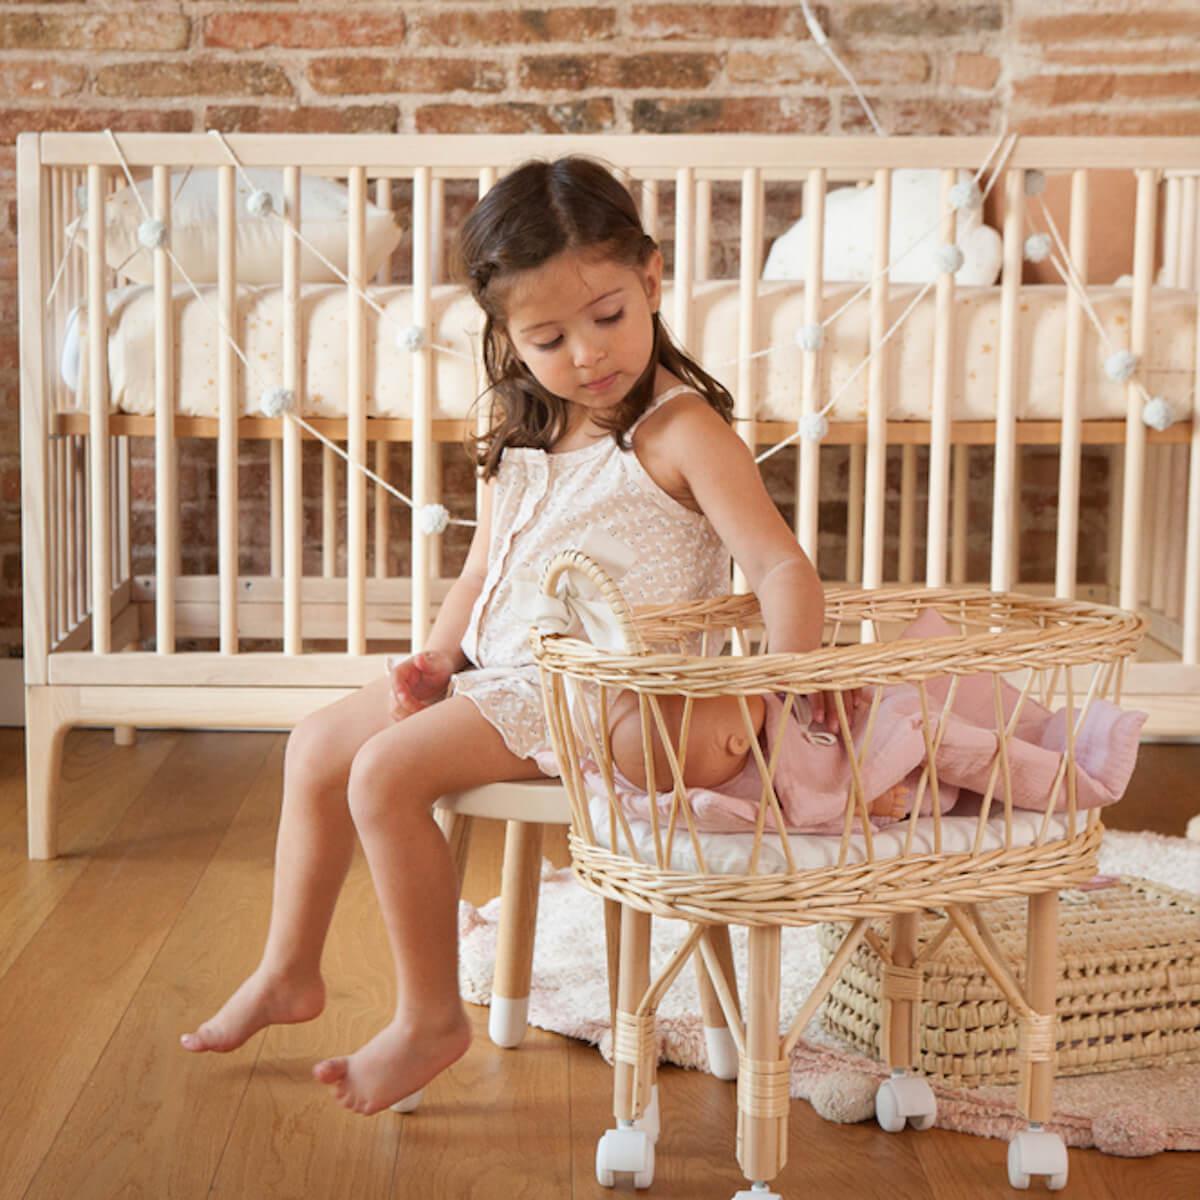 Lit bébé KERA en frêne avec top Round-pieds Curve